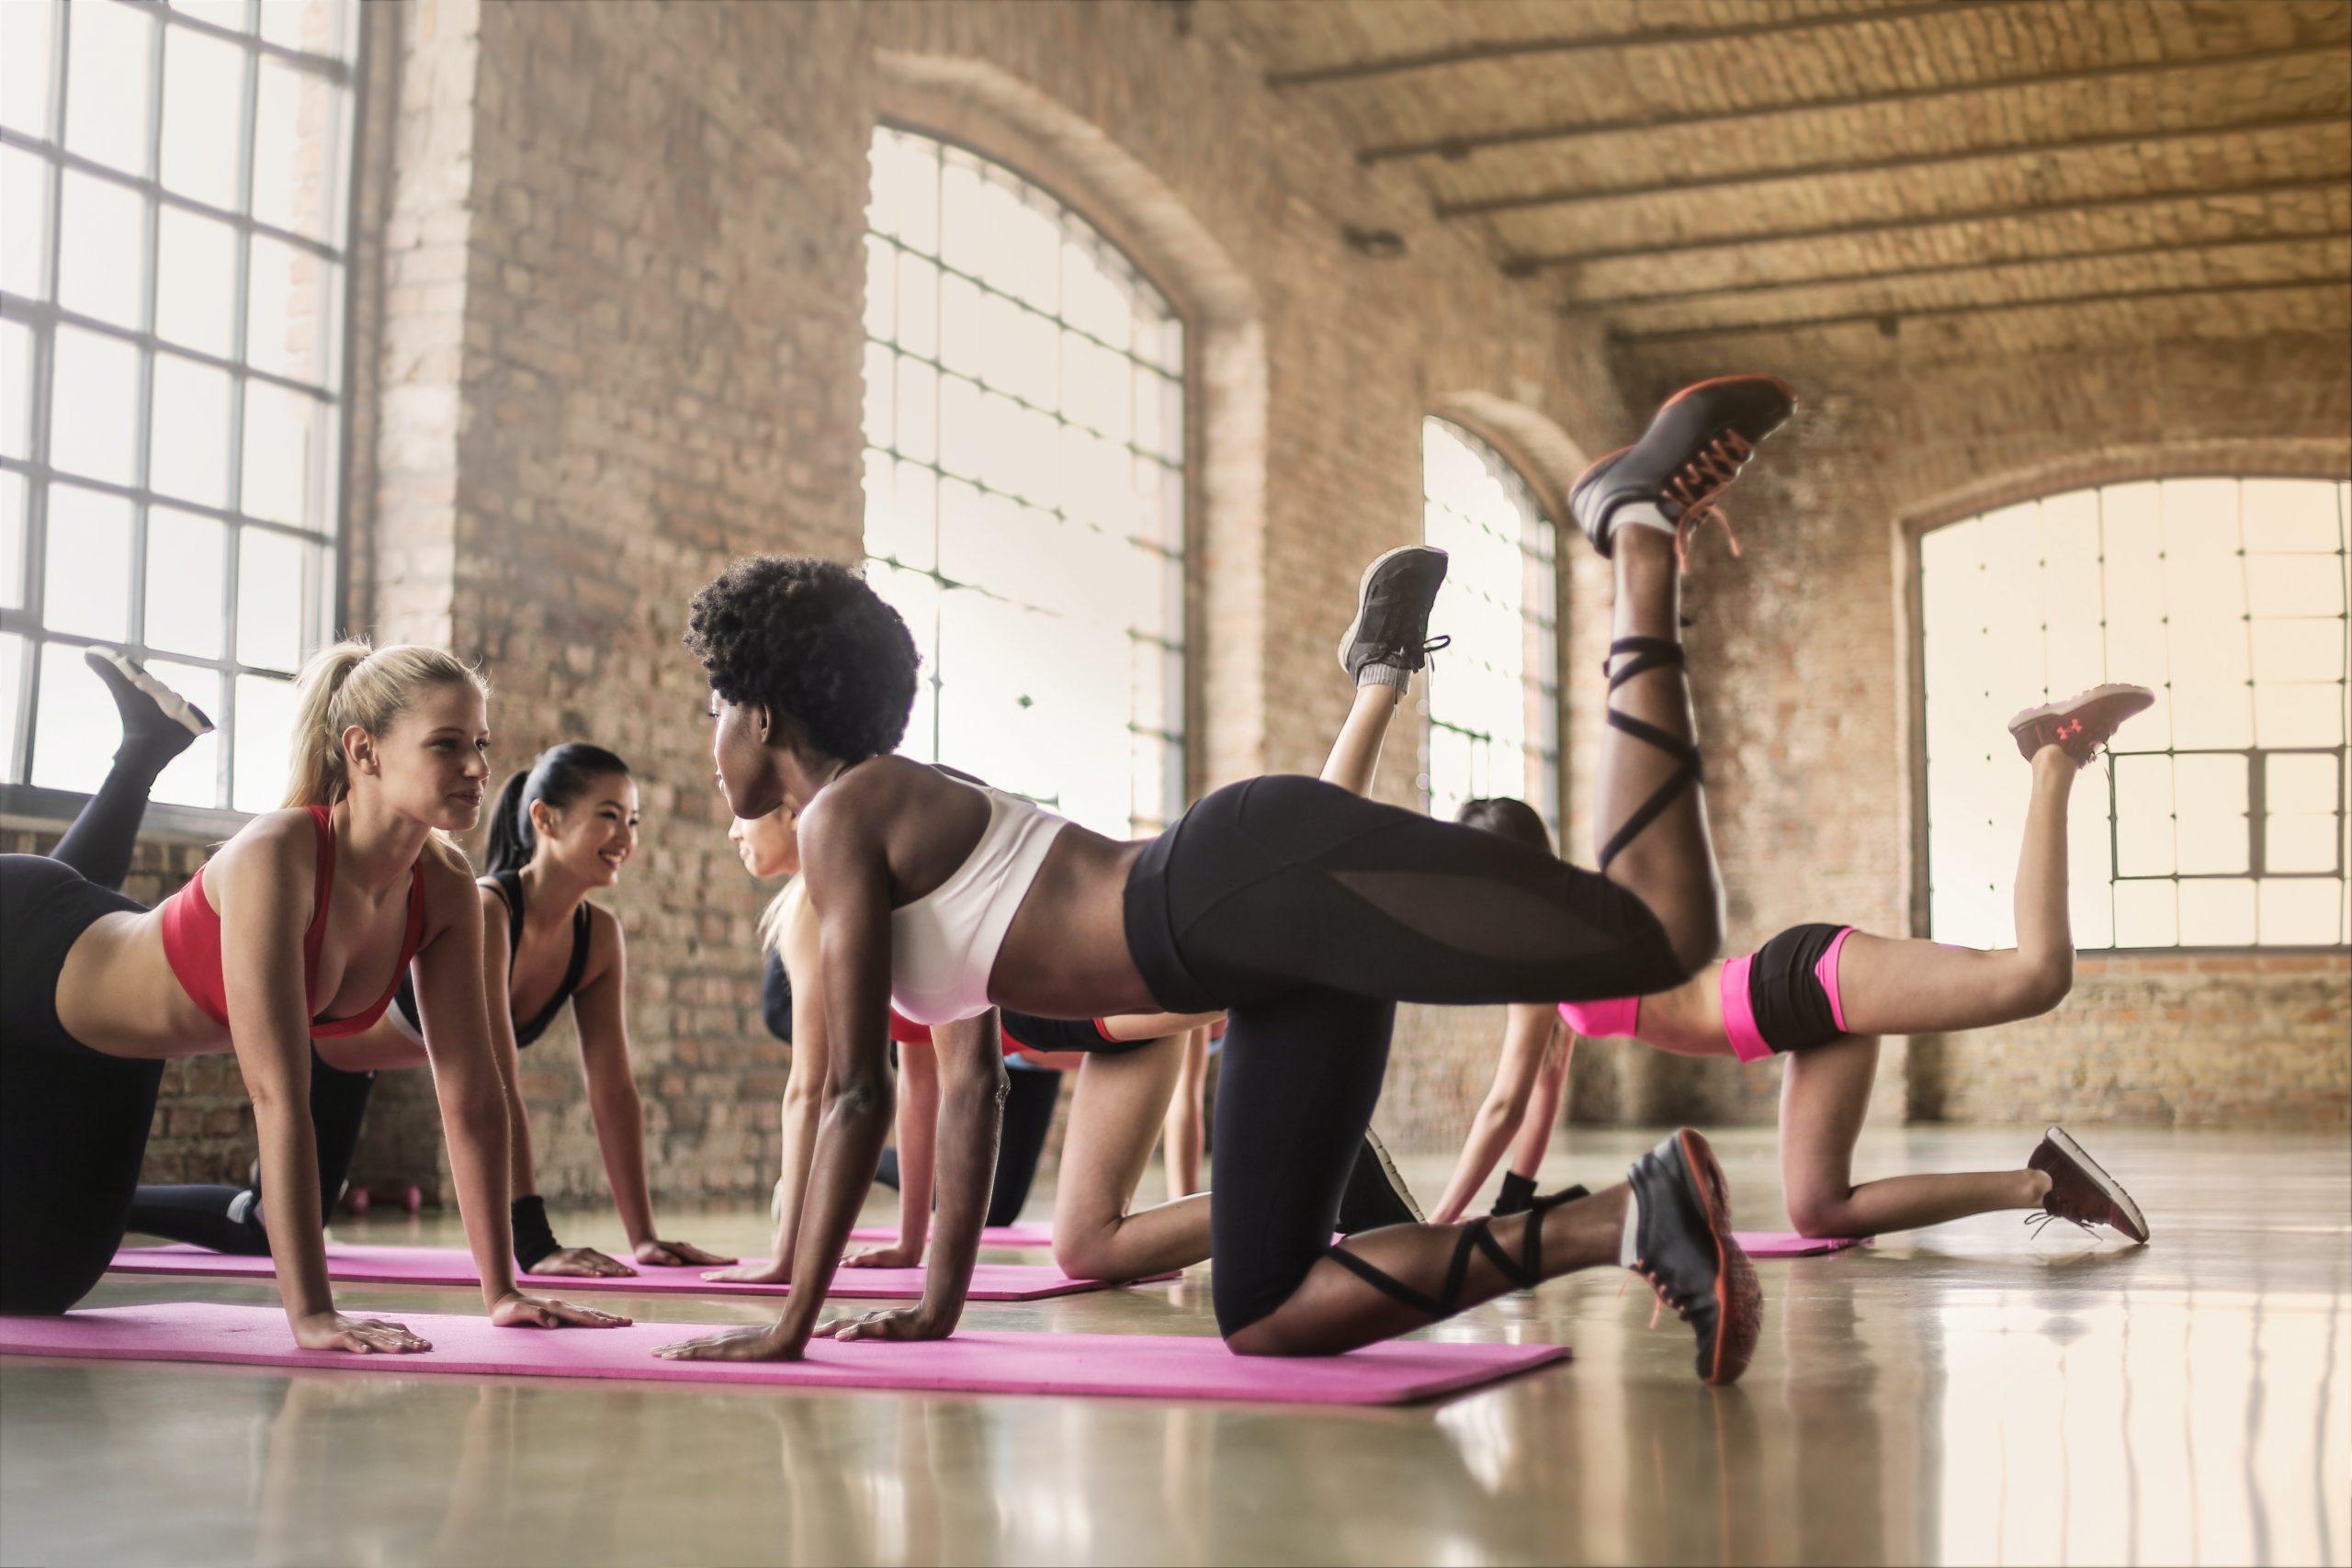 Porter un soutien gorge de sport pendant toutes les séances d'entraînement pour protéger ta poitrine